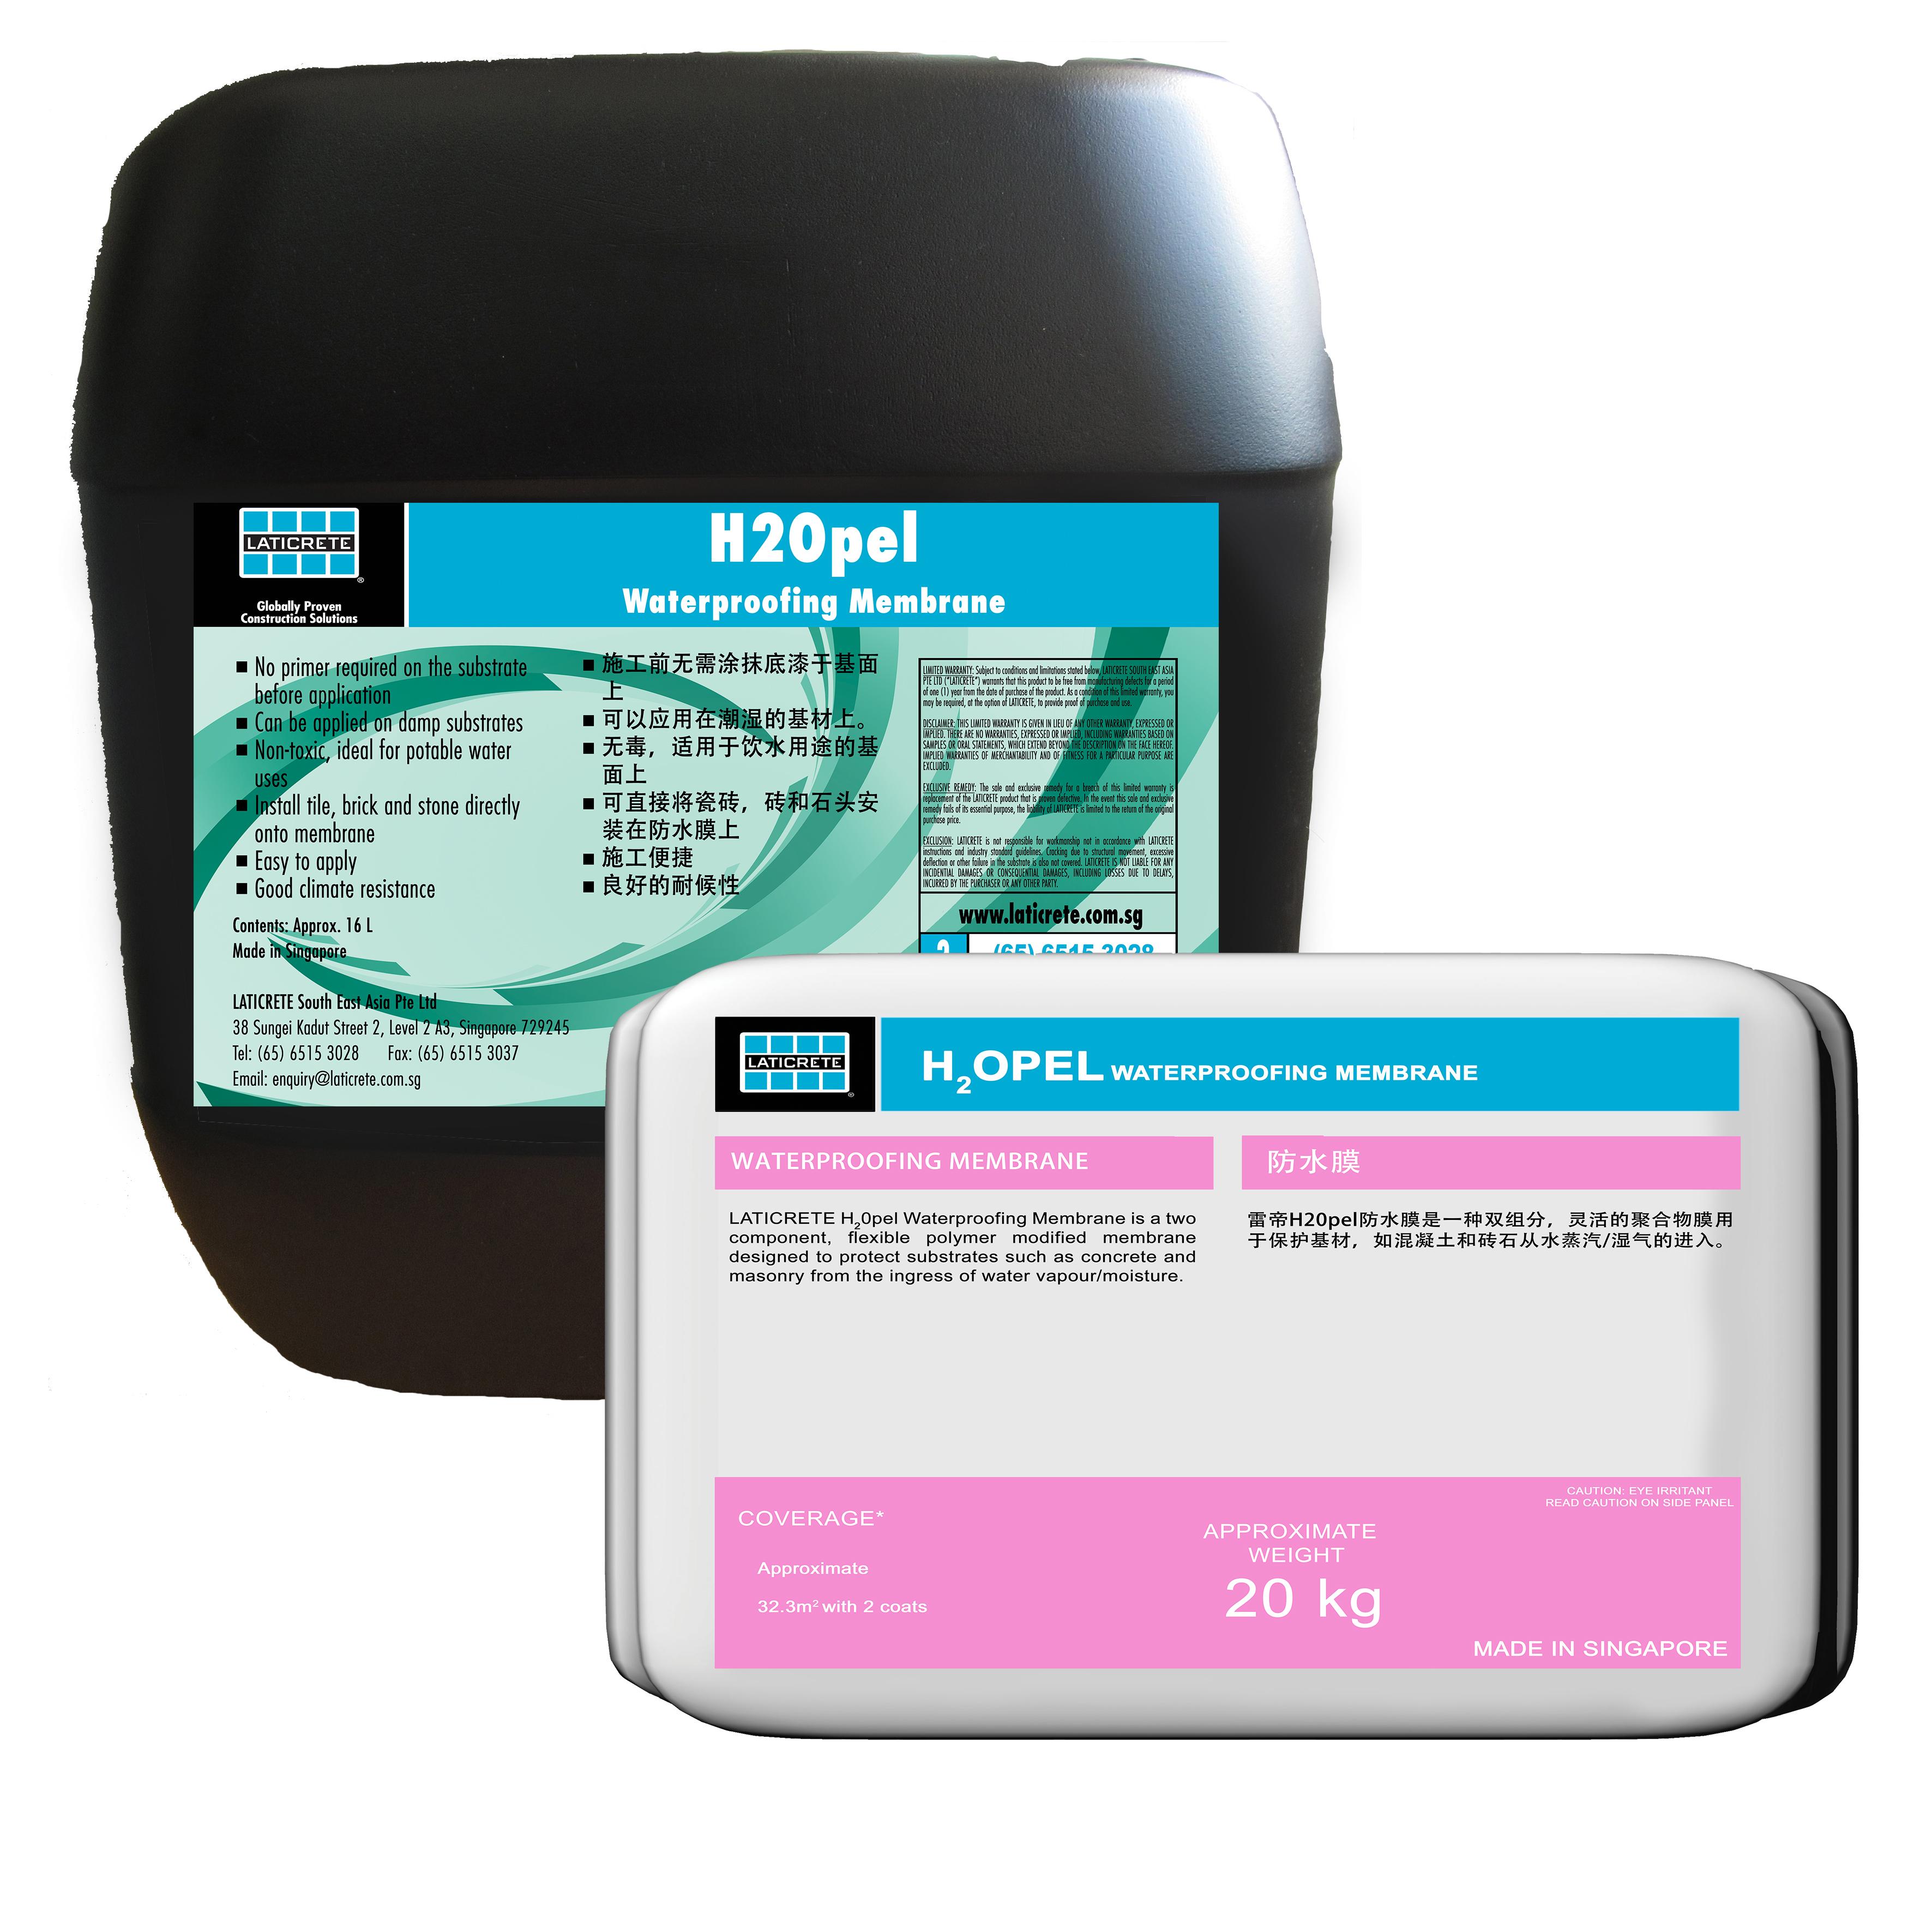 H2Opel Waterproofing Membrane